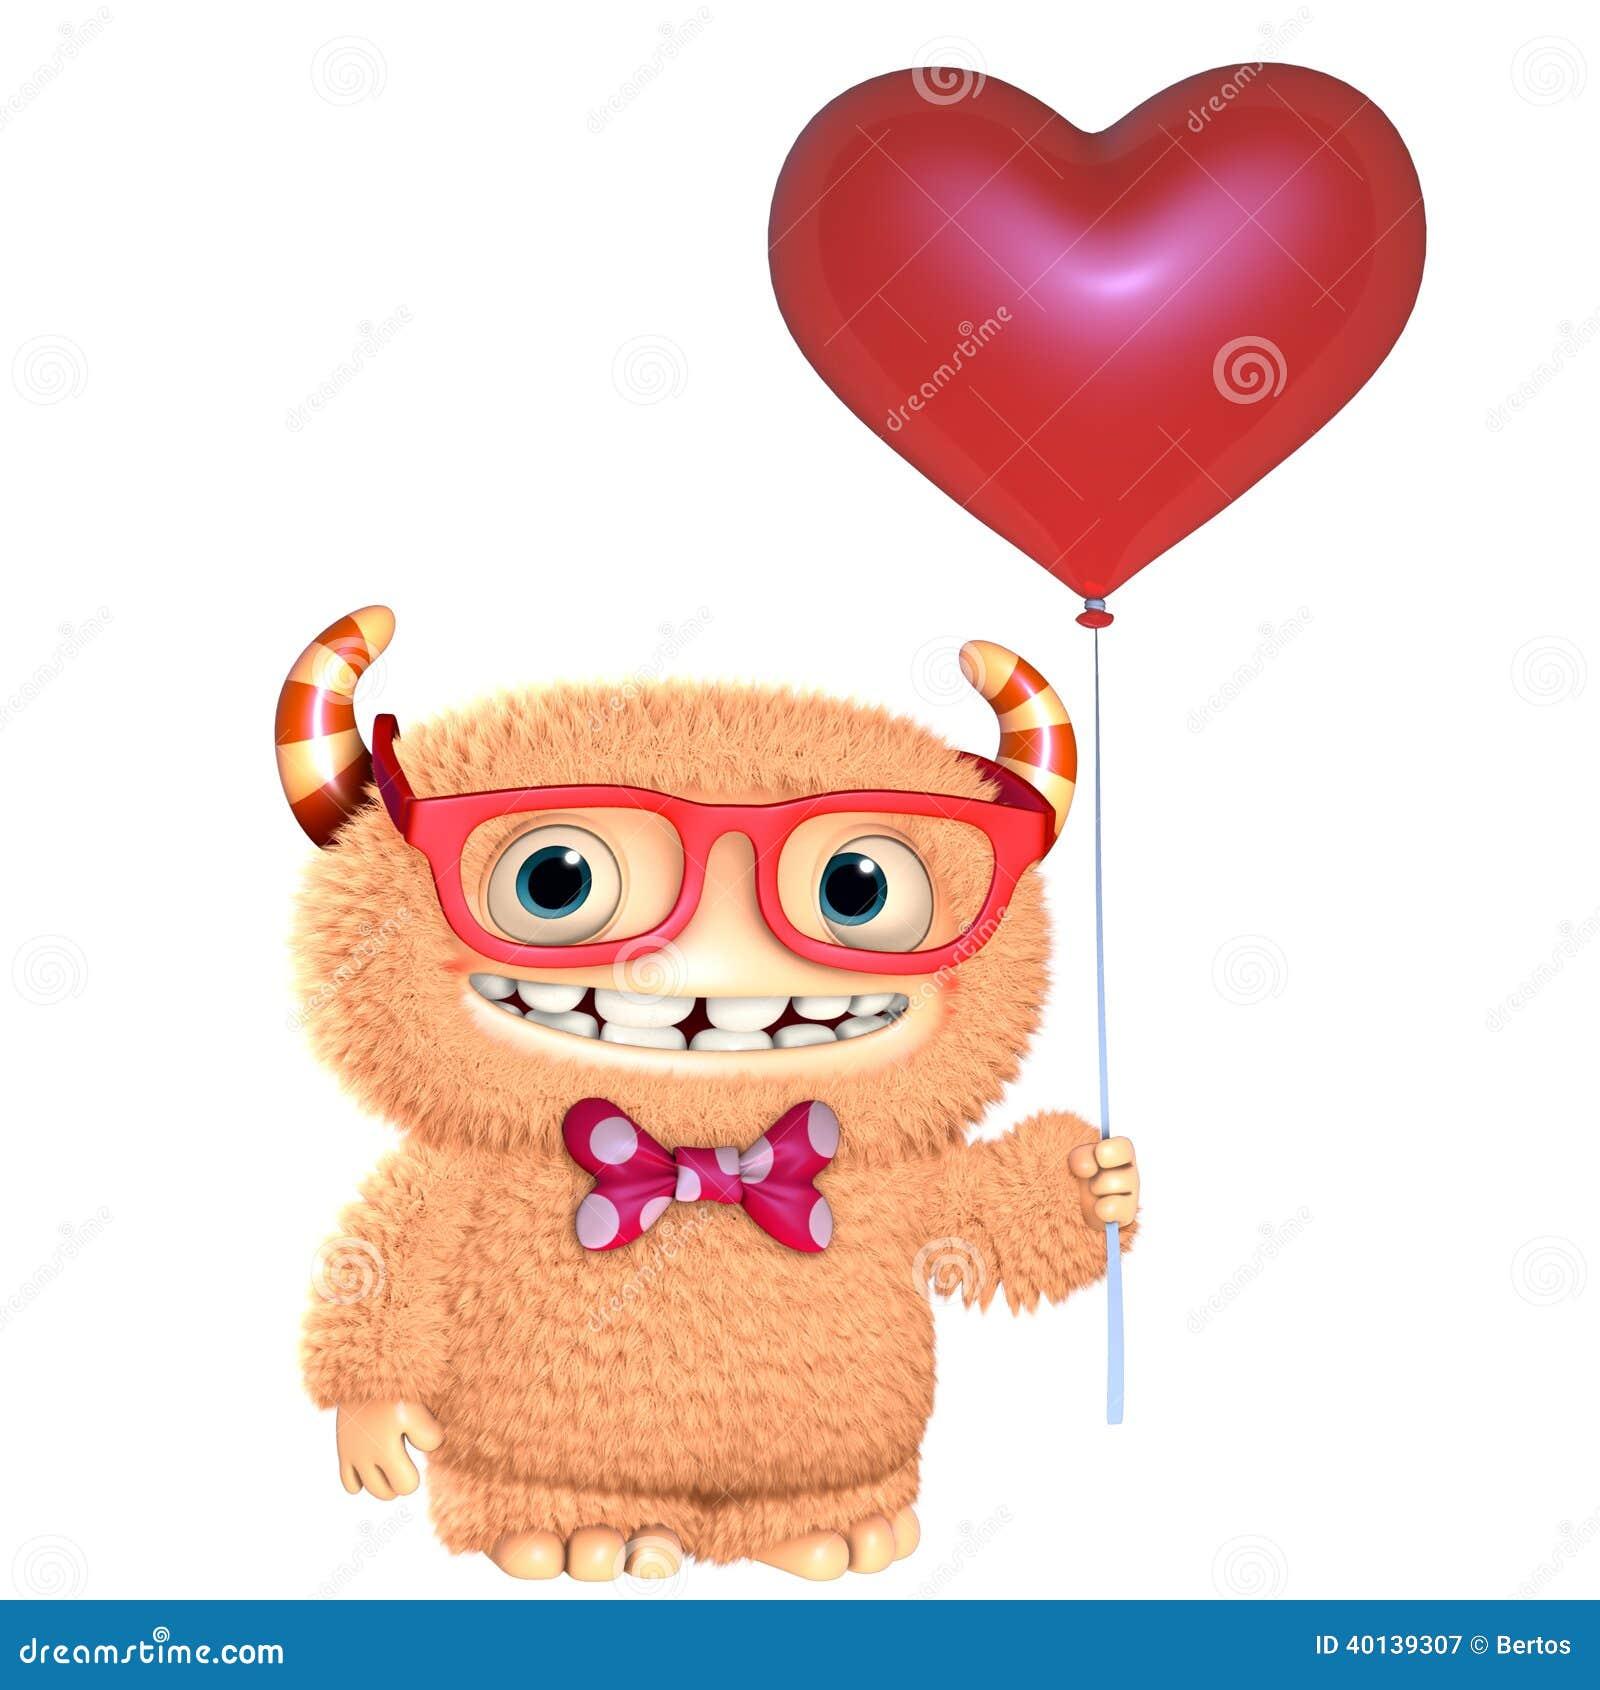 cartoon Monster In Love Wallpaper : 3d cartoon Monster Stock Illustration - Image: 40139307